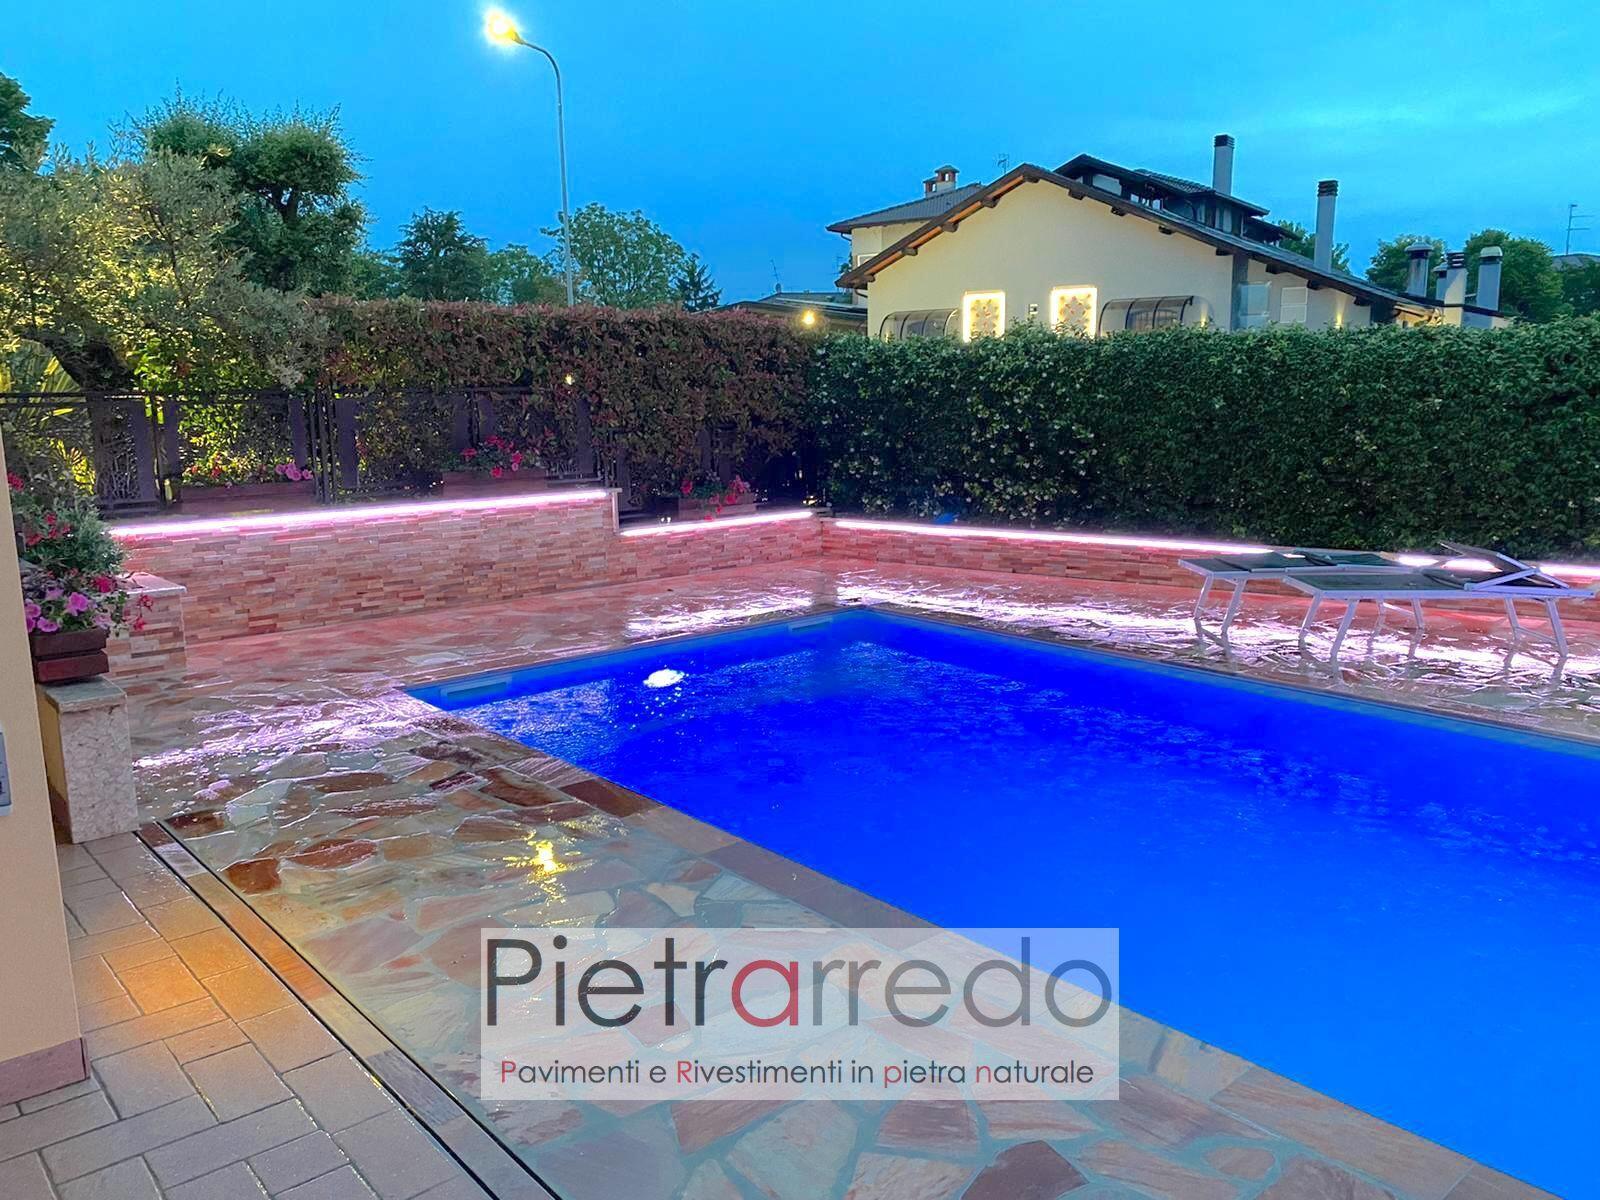 pavimento piscina bordi con toro in quarzite brasiliana rosa pietrarredo milano prezzi